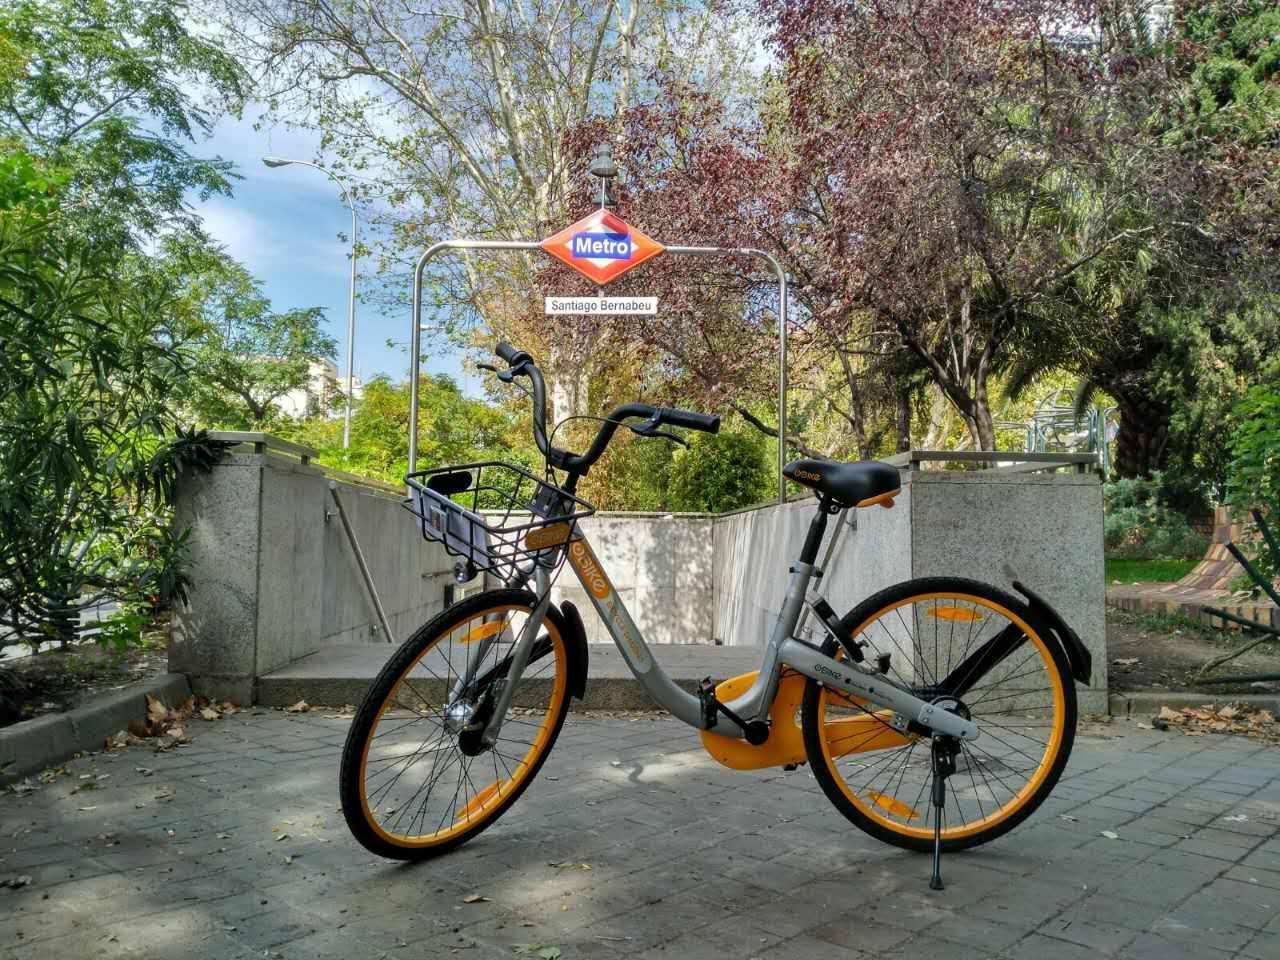 Llega a Madrid el alquiler de bicis sin estación de oBike